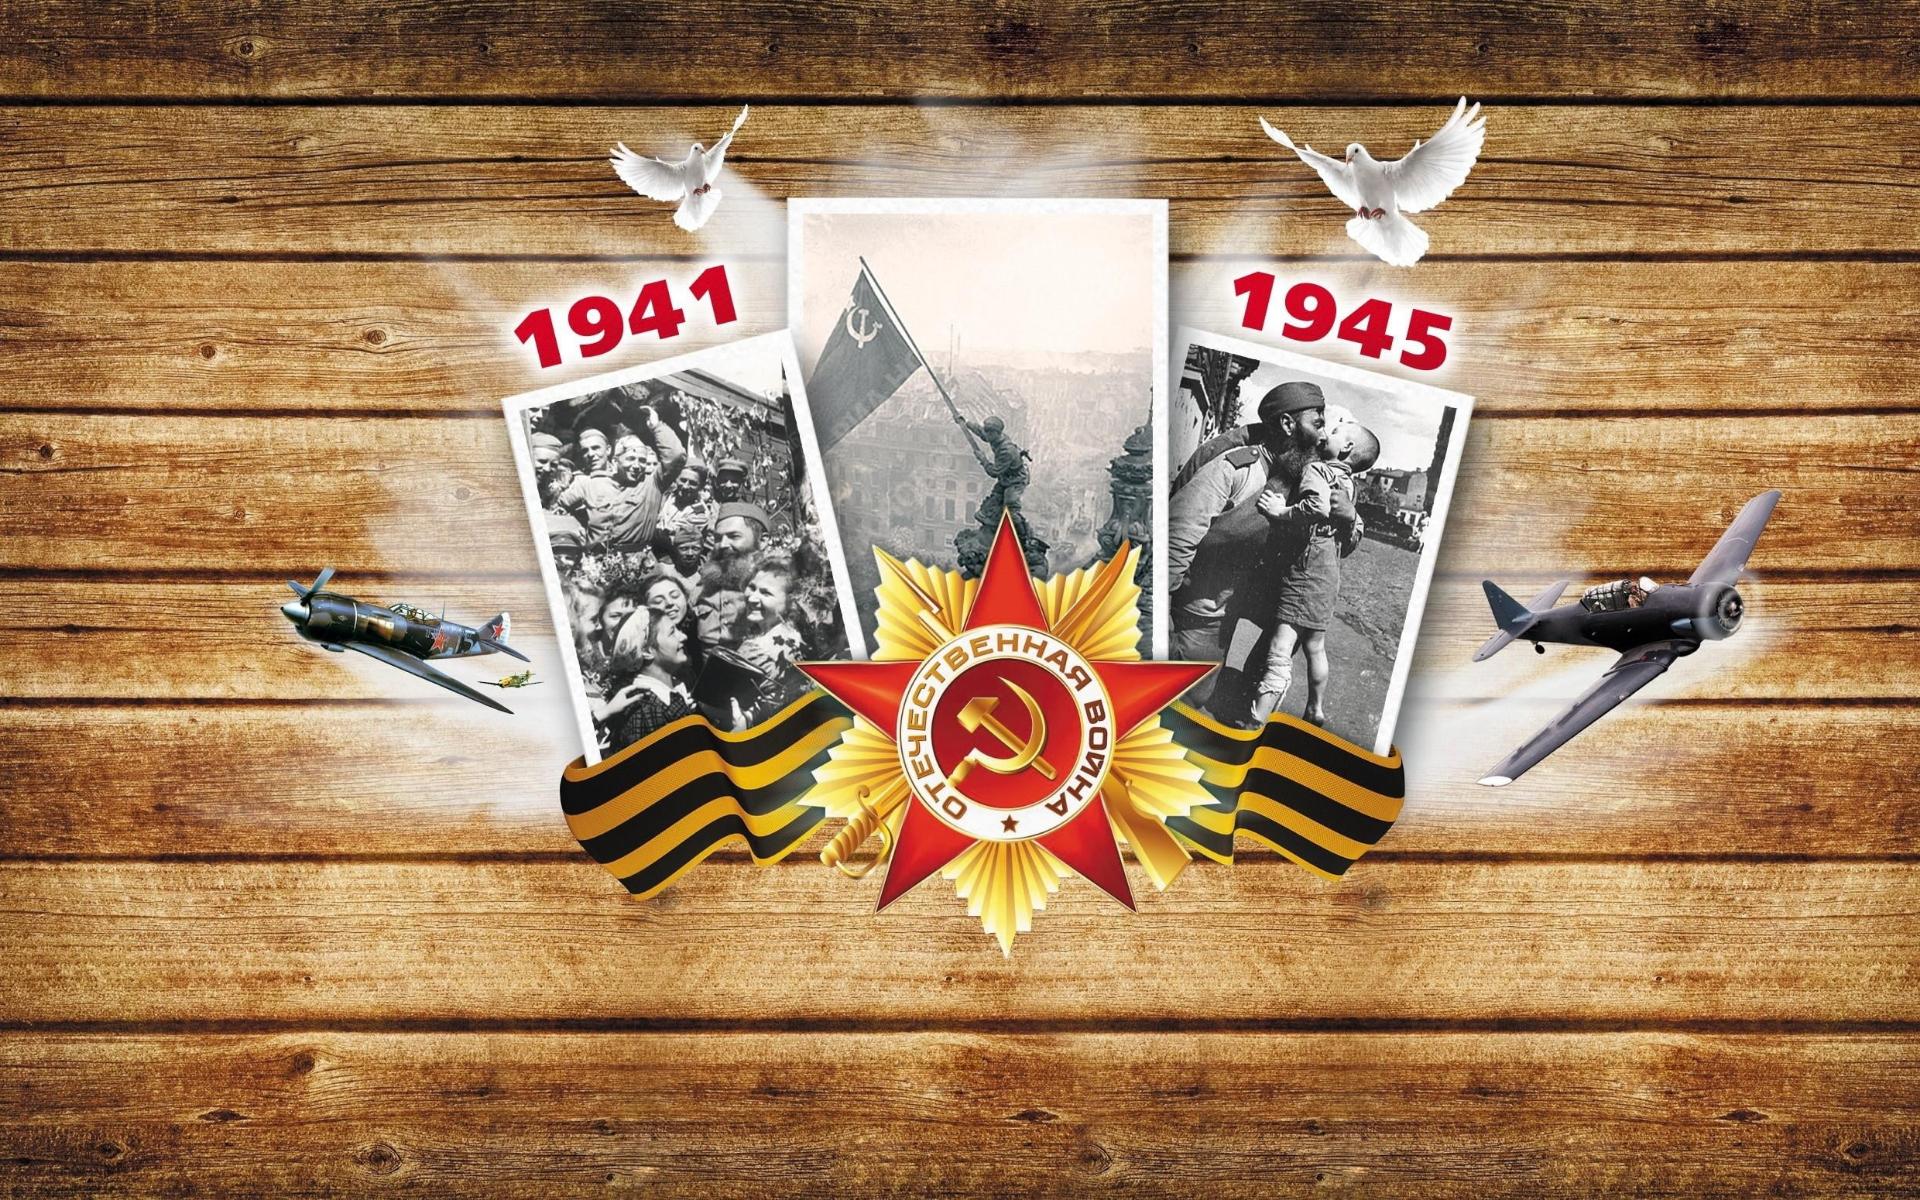 Картинка: 9 Мая, День Победы, 1941-1945, Великая Отечественная Война, голуби, самолёты, значок, фотографии